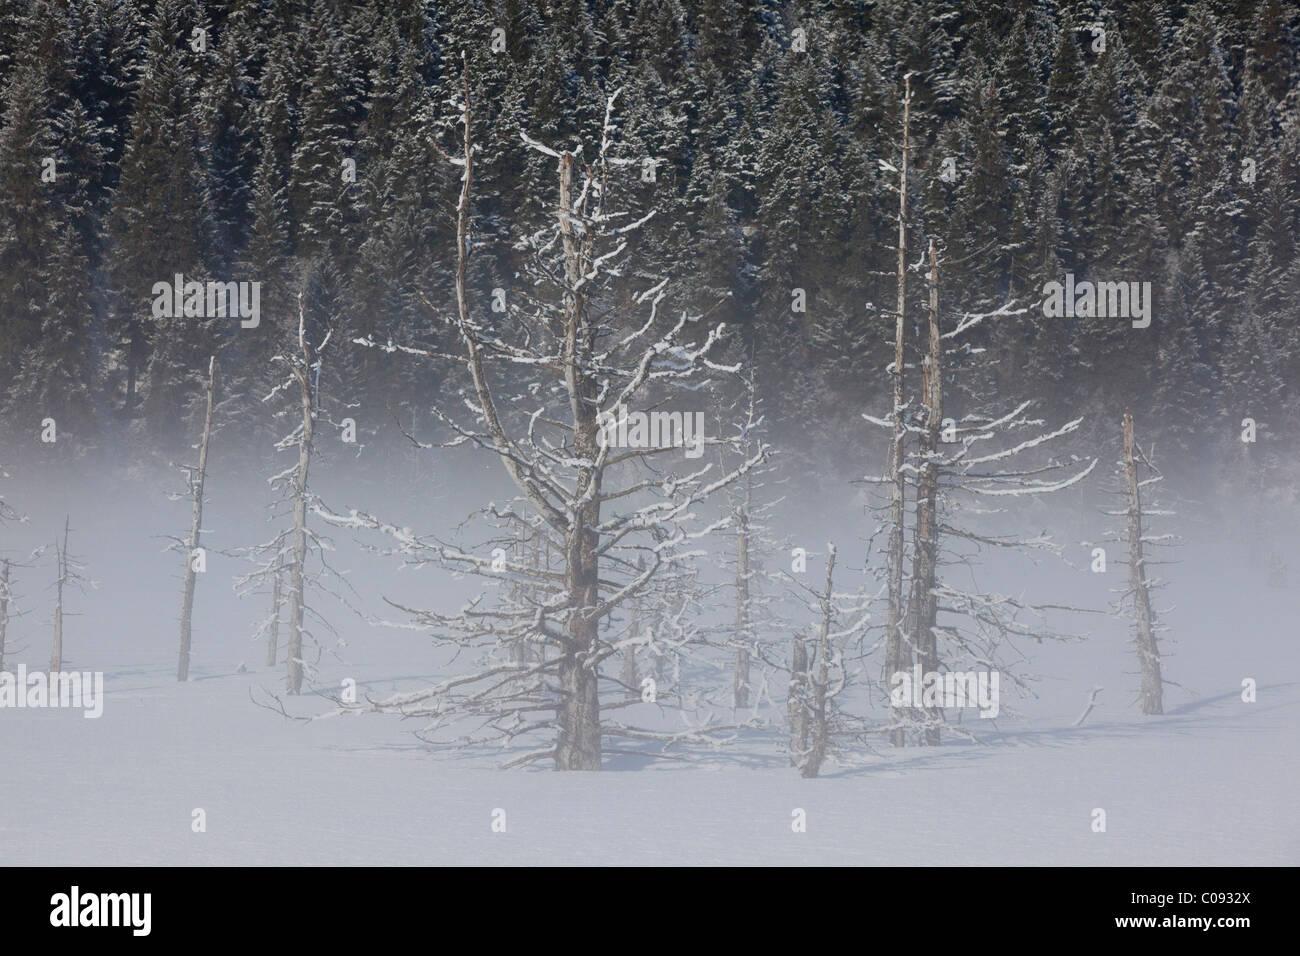 Vista de agua salada hoarfrosted mató árboles en una mañana de niebla a lo largo de la carretera de Seward cerca de Portage, Southcentral Alaska, Invierno Foto de stock